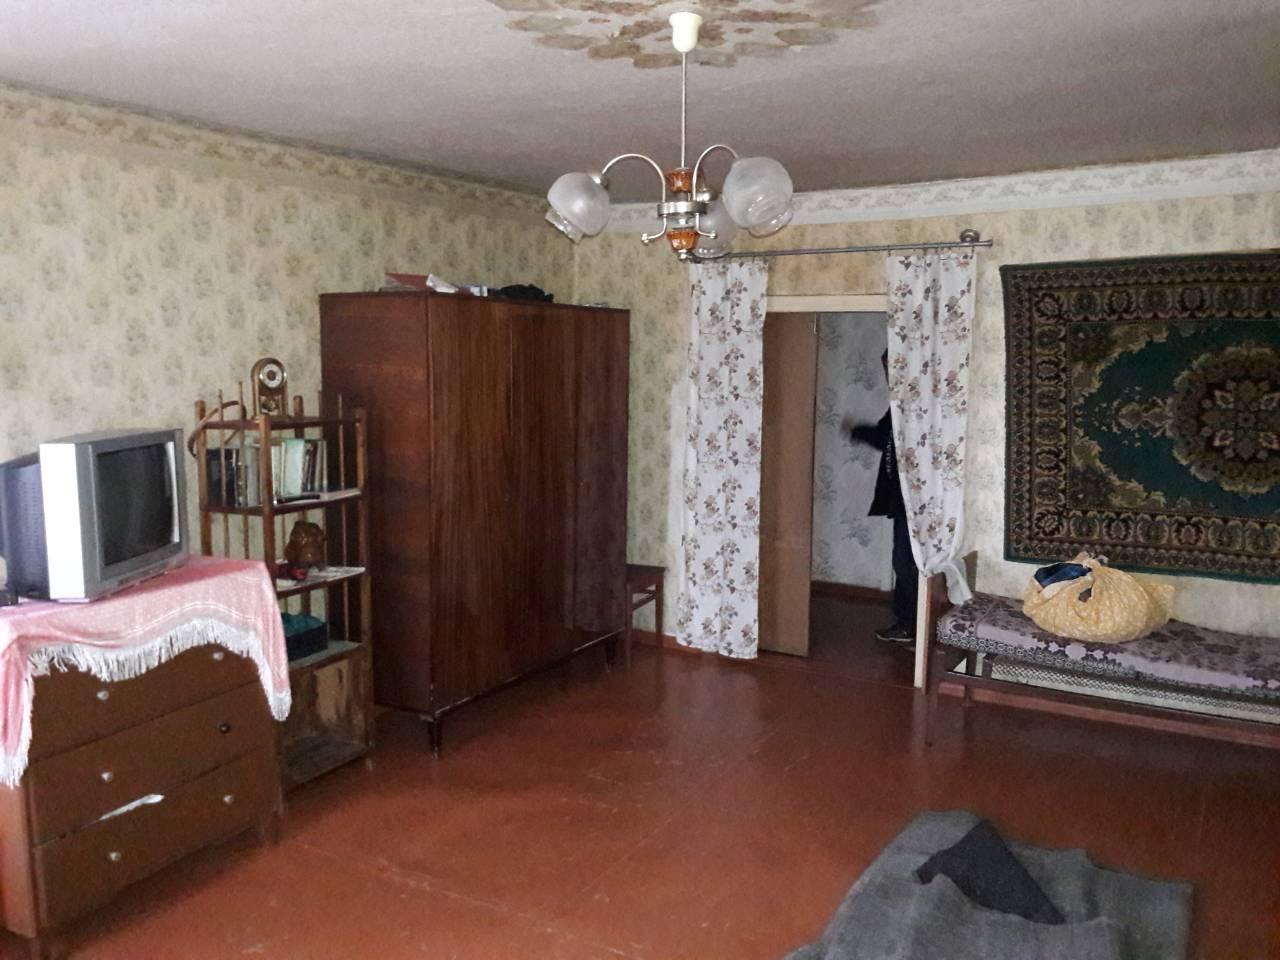 Харьковская область,6 Комнат Комнат,Жилая недвижимость,1,1084